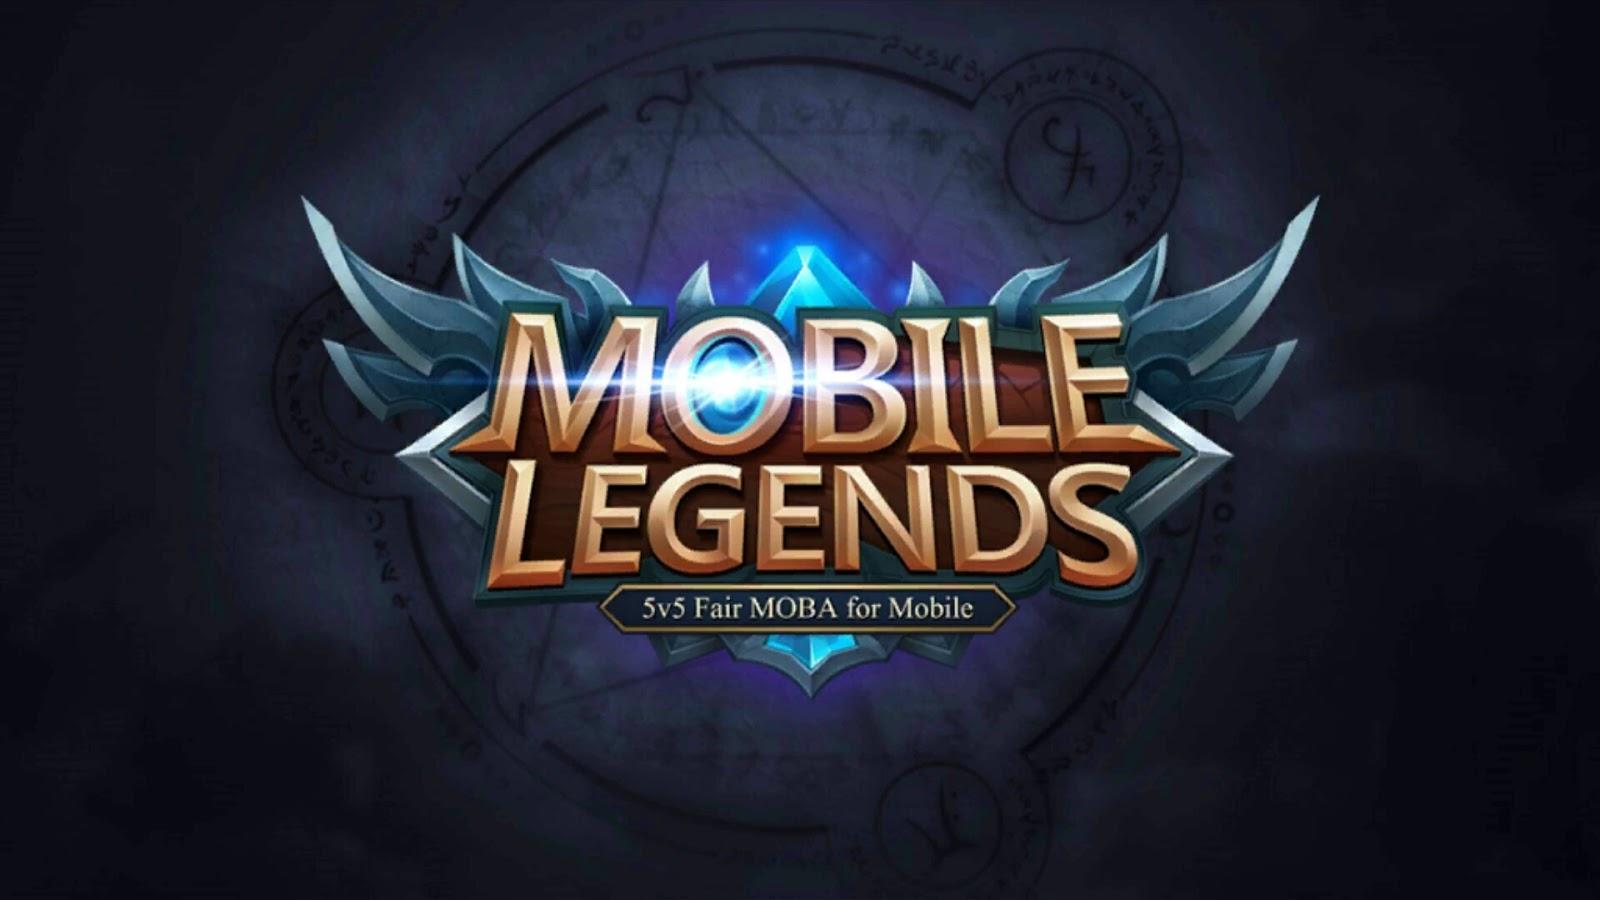 72 Koleksi Gambar Dp Wa Mobile Legend HD Terbaru